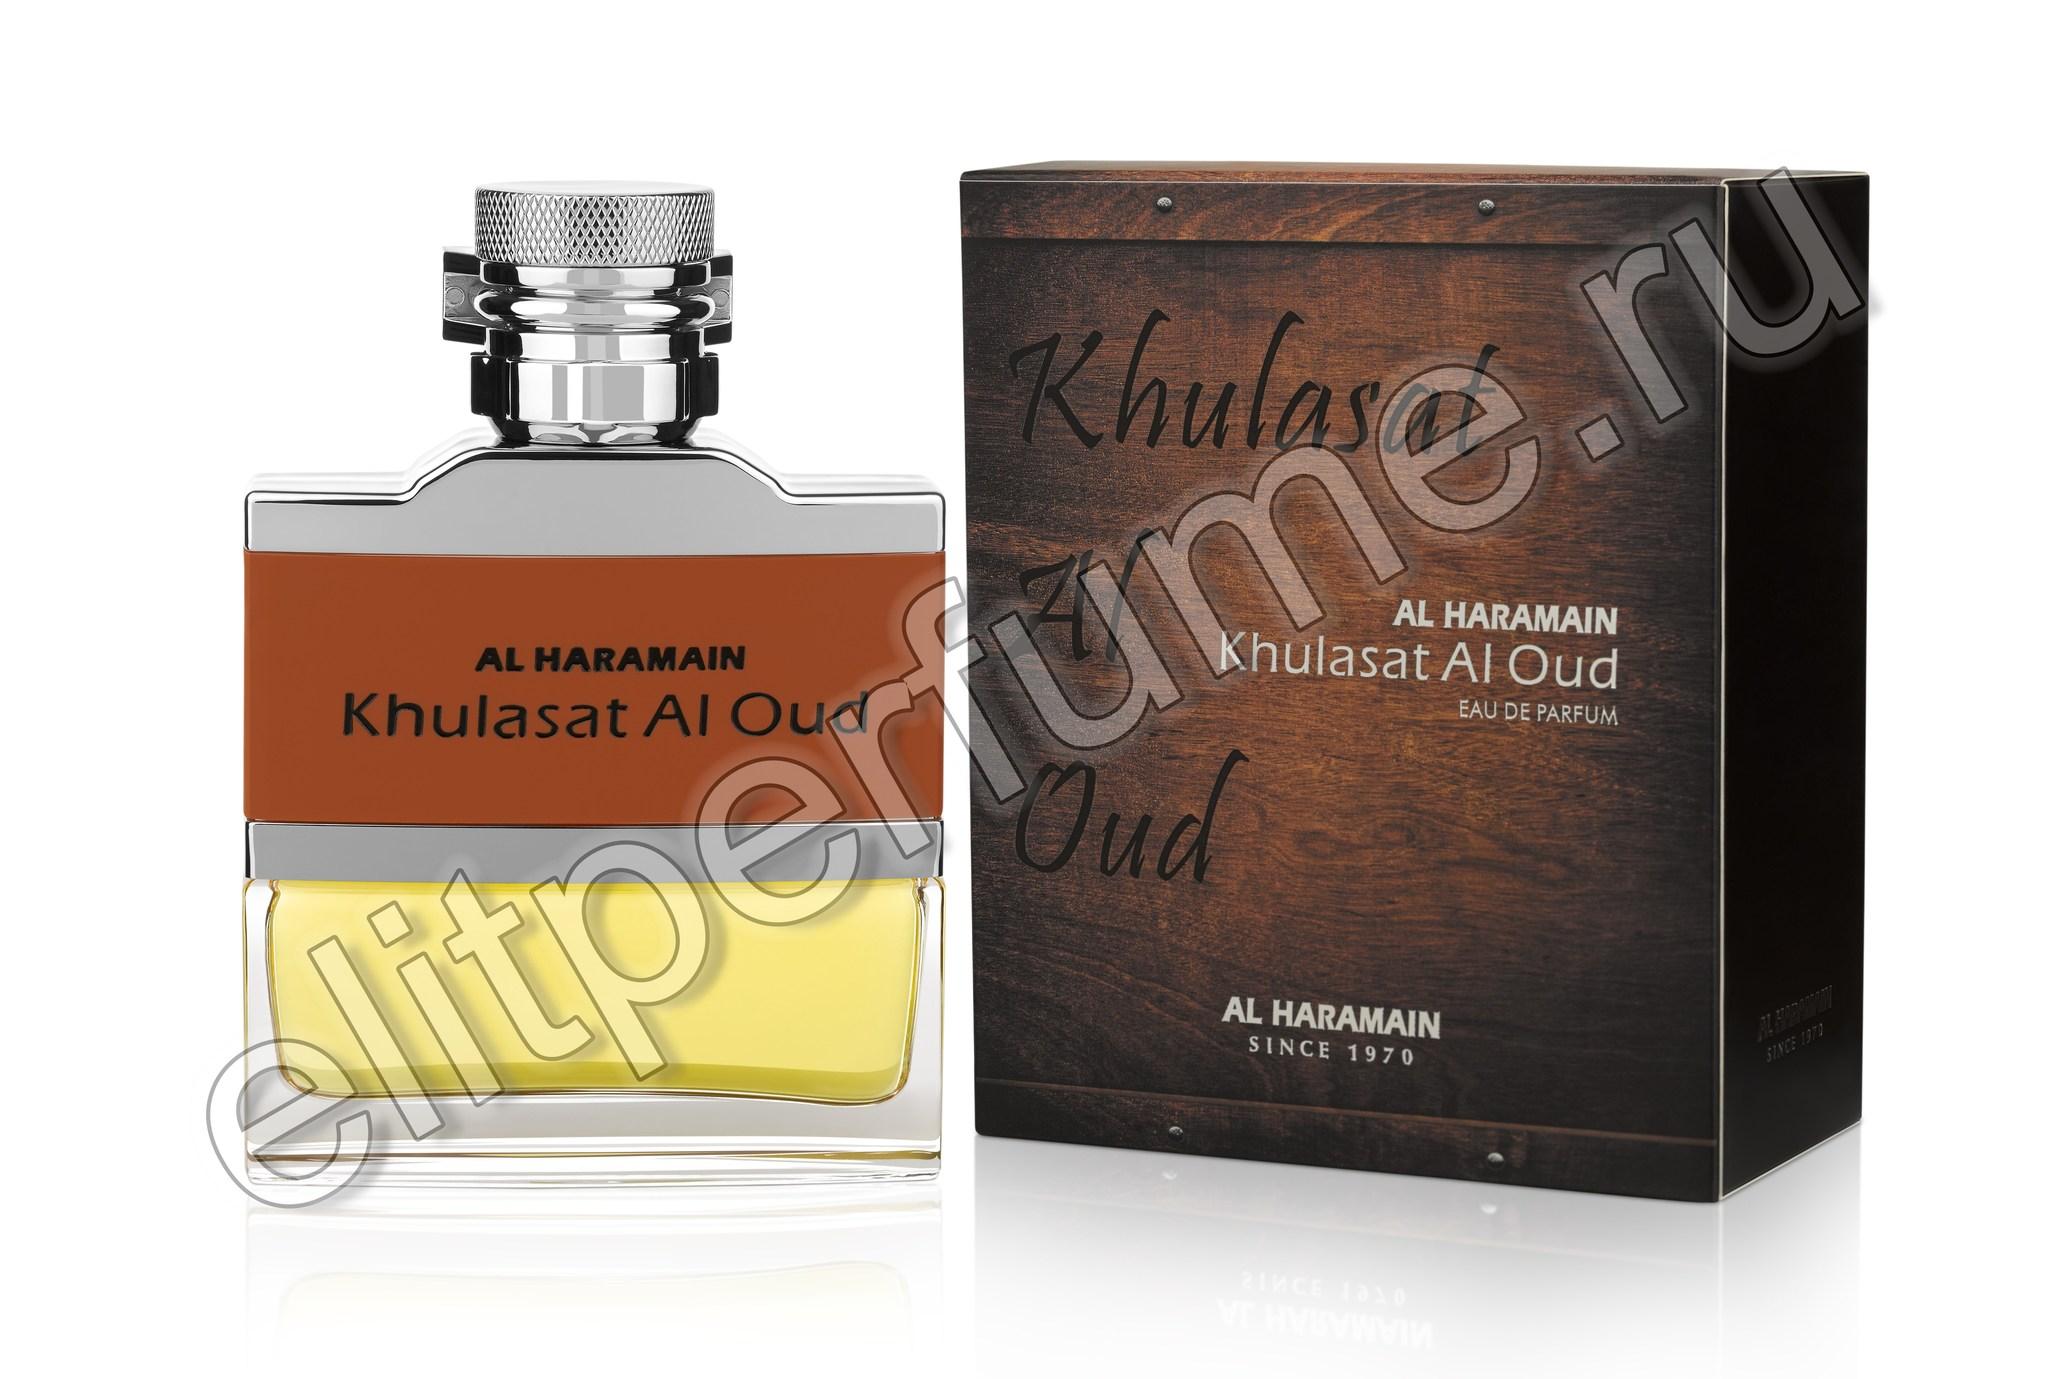 Al Haramain Khulasat Al Oud / Аль-Харамайн Хуласат Аль Уд 100 мл спрей от Аль Харамайн Al Haramain Perfumes